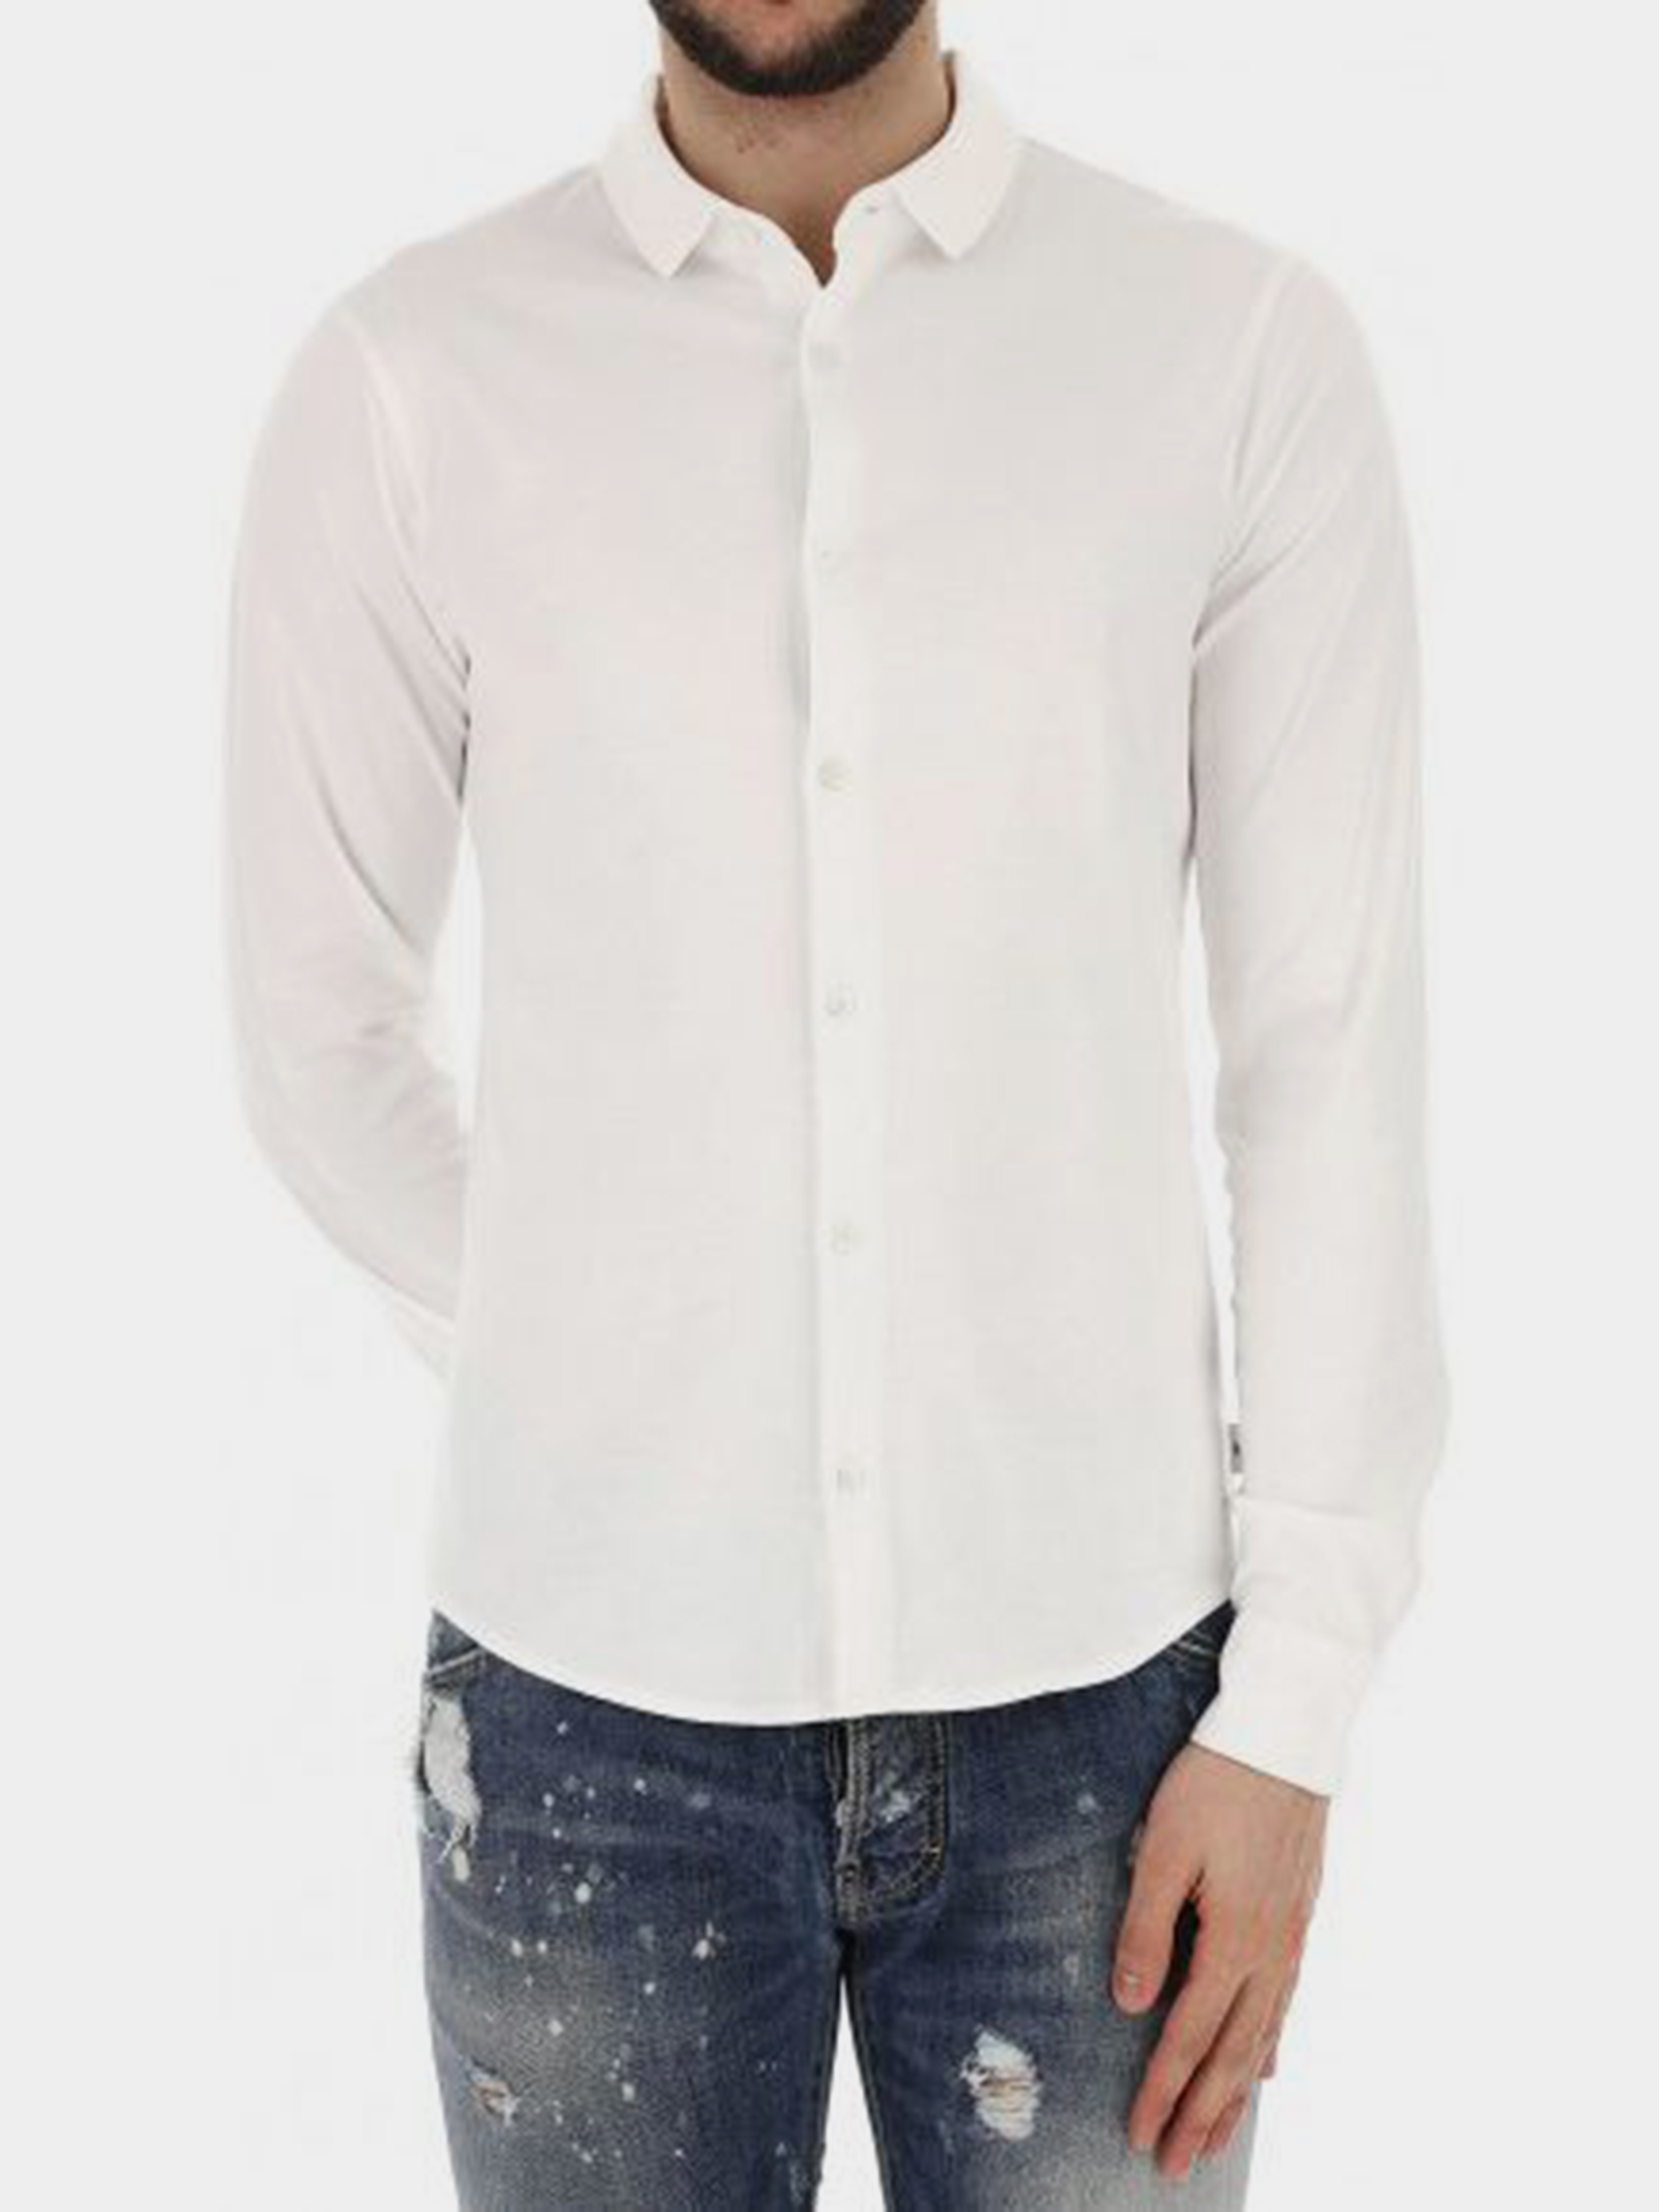 Рубашка мужские Emporio Armani модель 5O724 отзывы, 2017